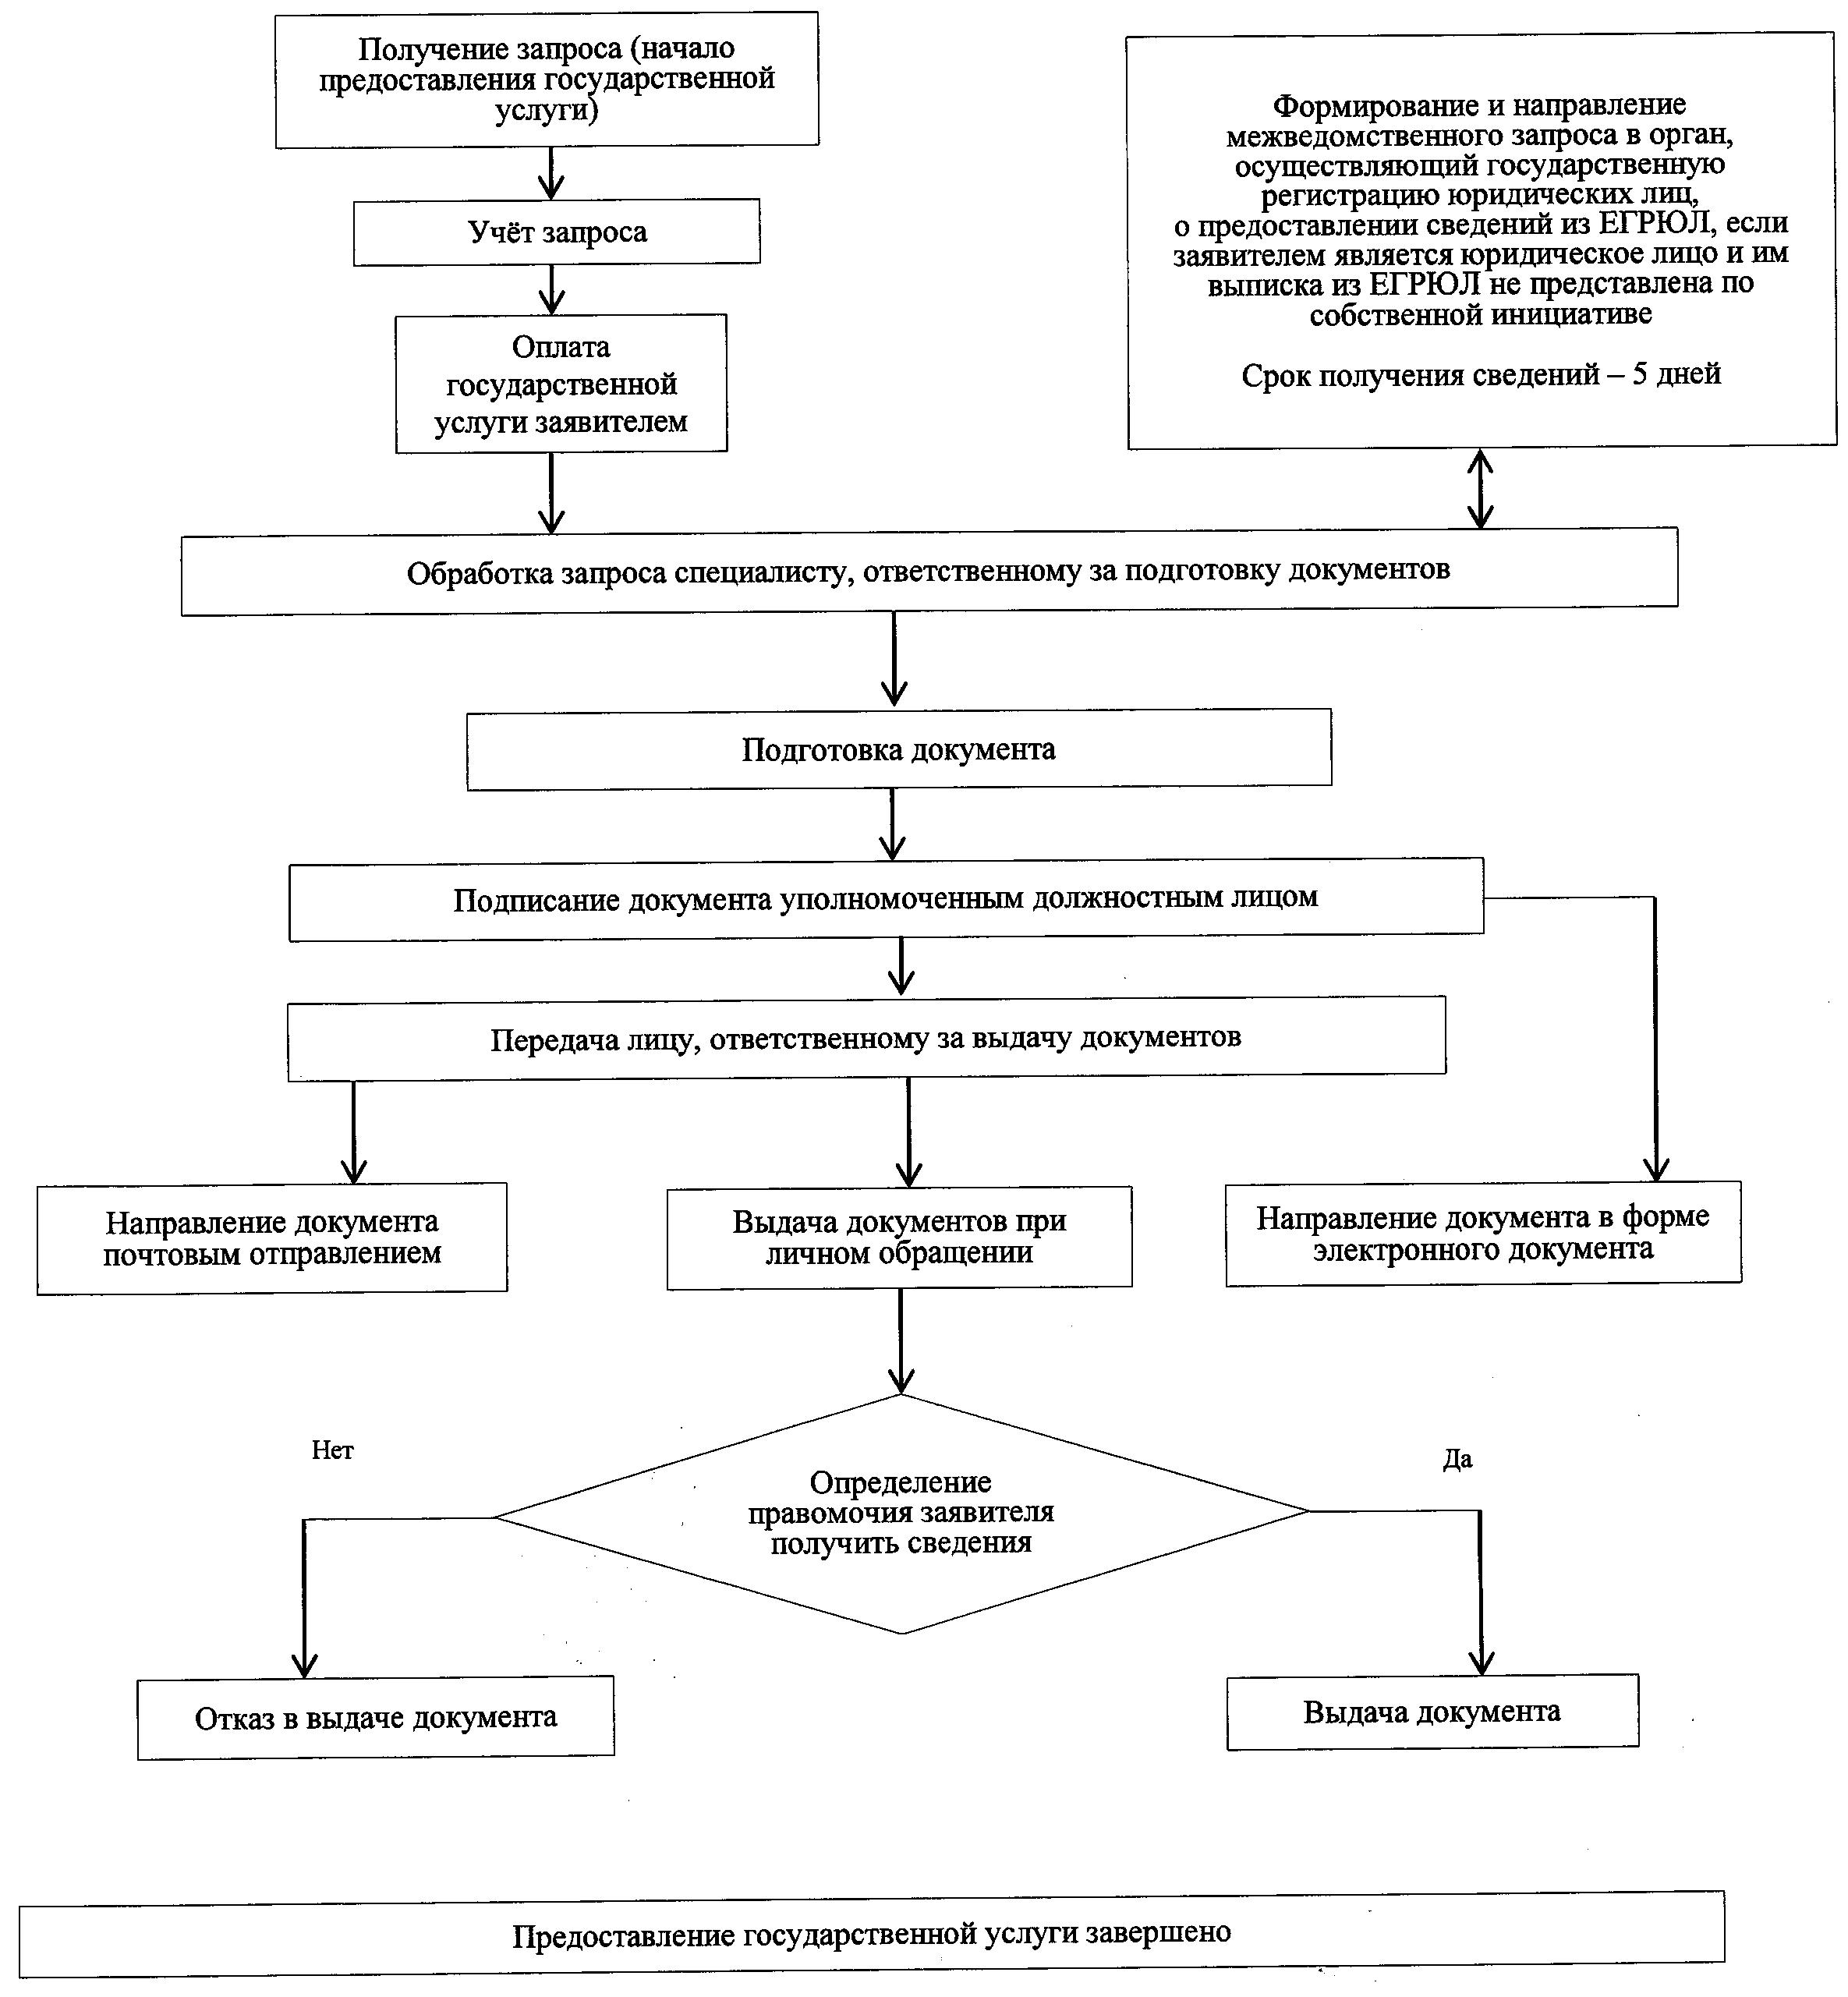 административный регламент предоставления сведений из ЕГРН